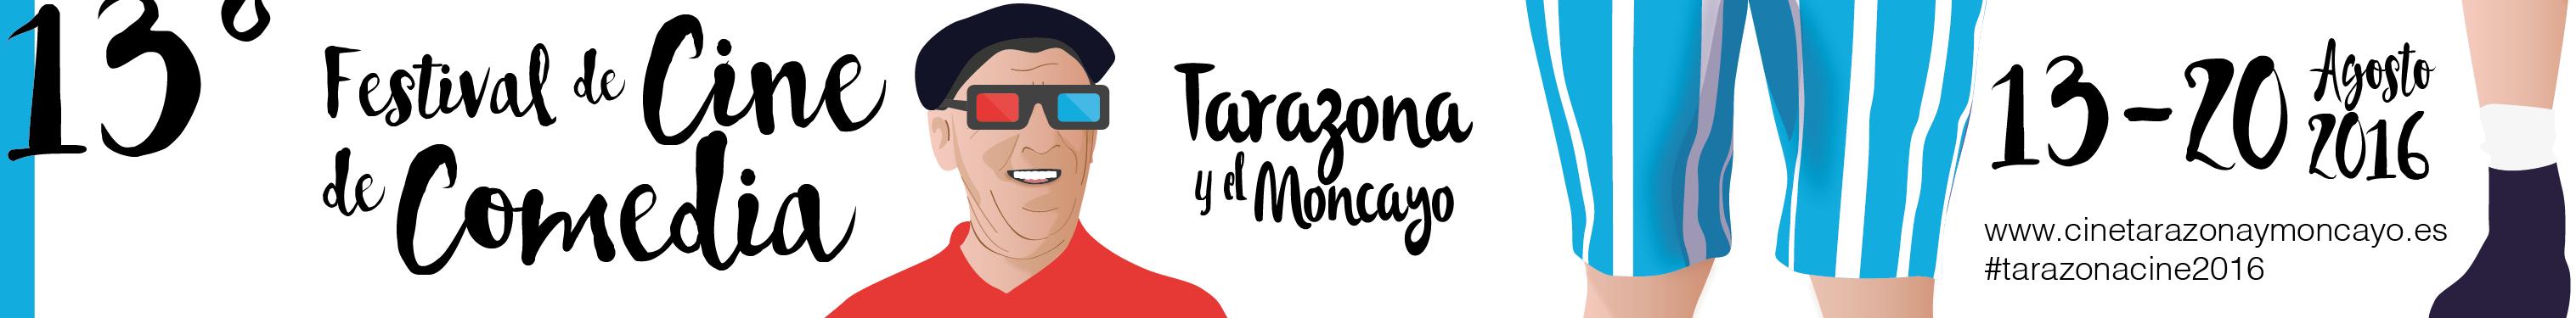 Festival de Cine de Comedia de Tarazona y el Moncayo